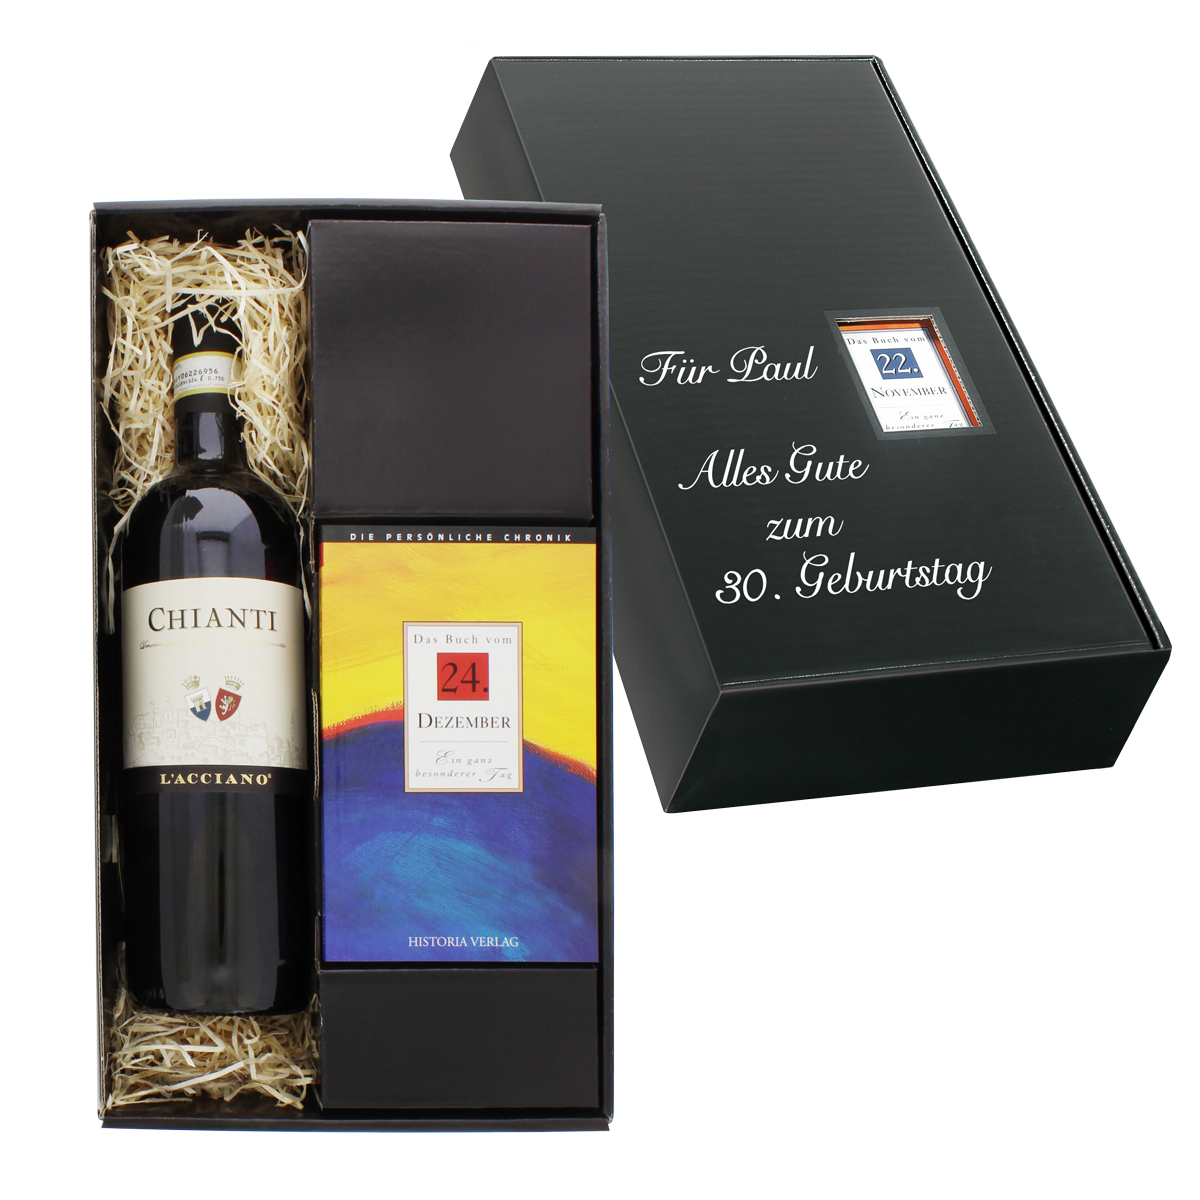 Italien-Set: Tageschronik vom 15. M?rz & Chianti-Wein